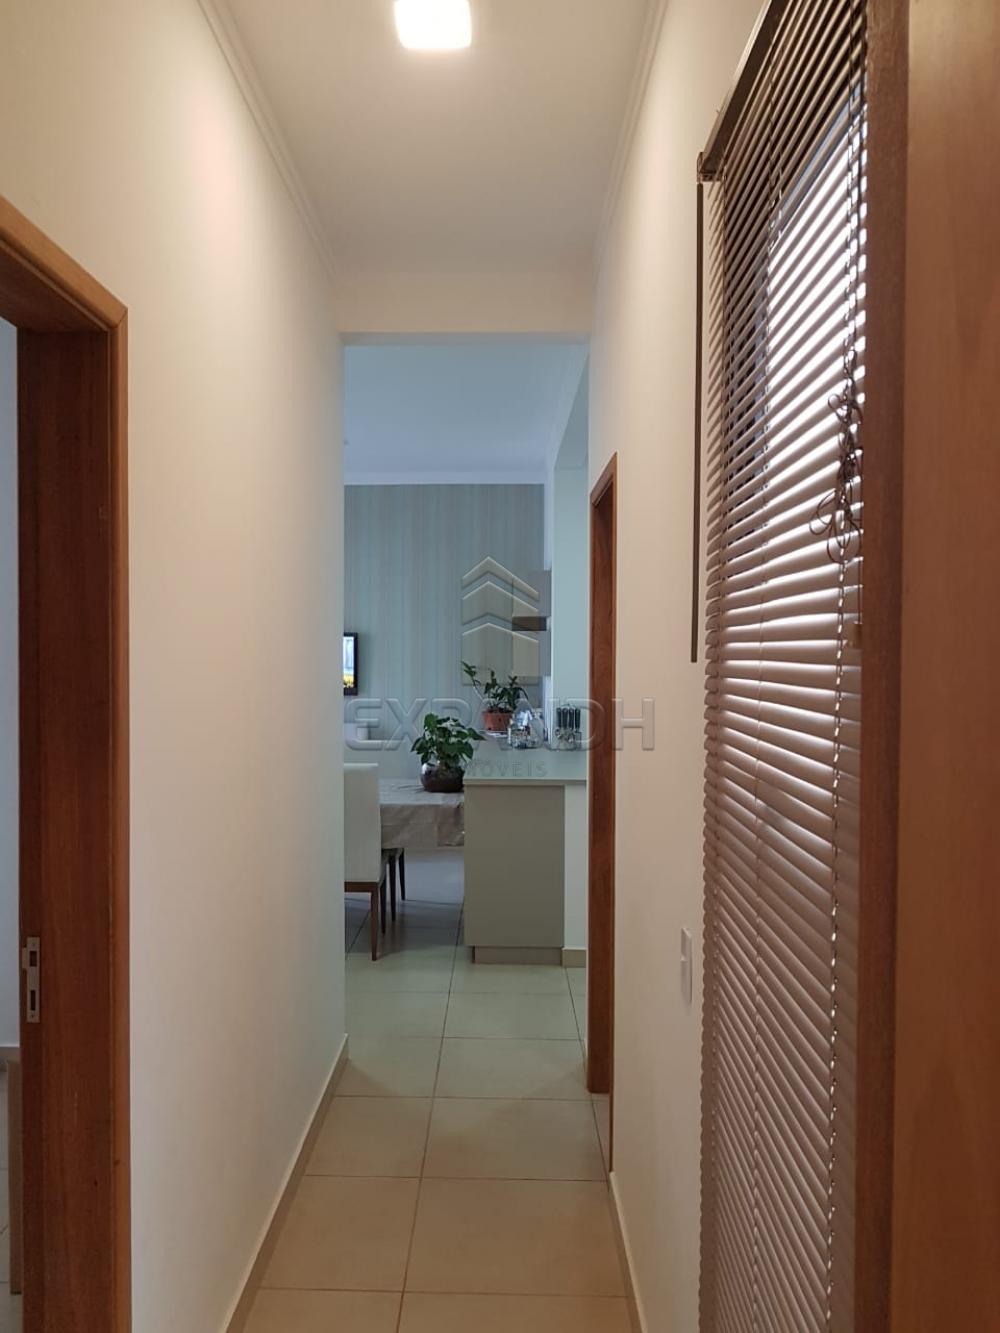 Comprar Apartamentos / Padrão em Sertãozinho apenas R$ 220.000,00 - Foto 4